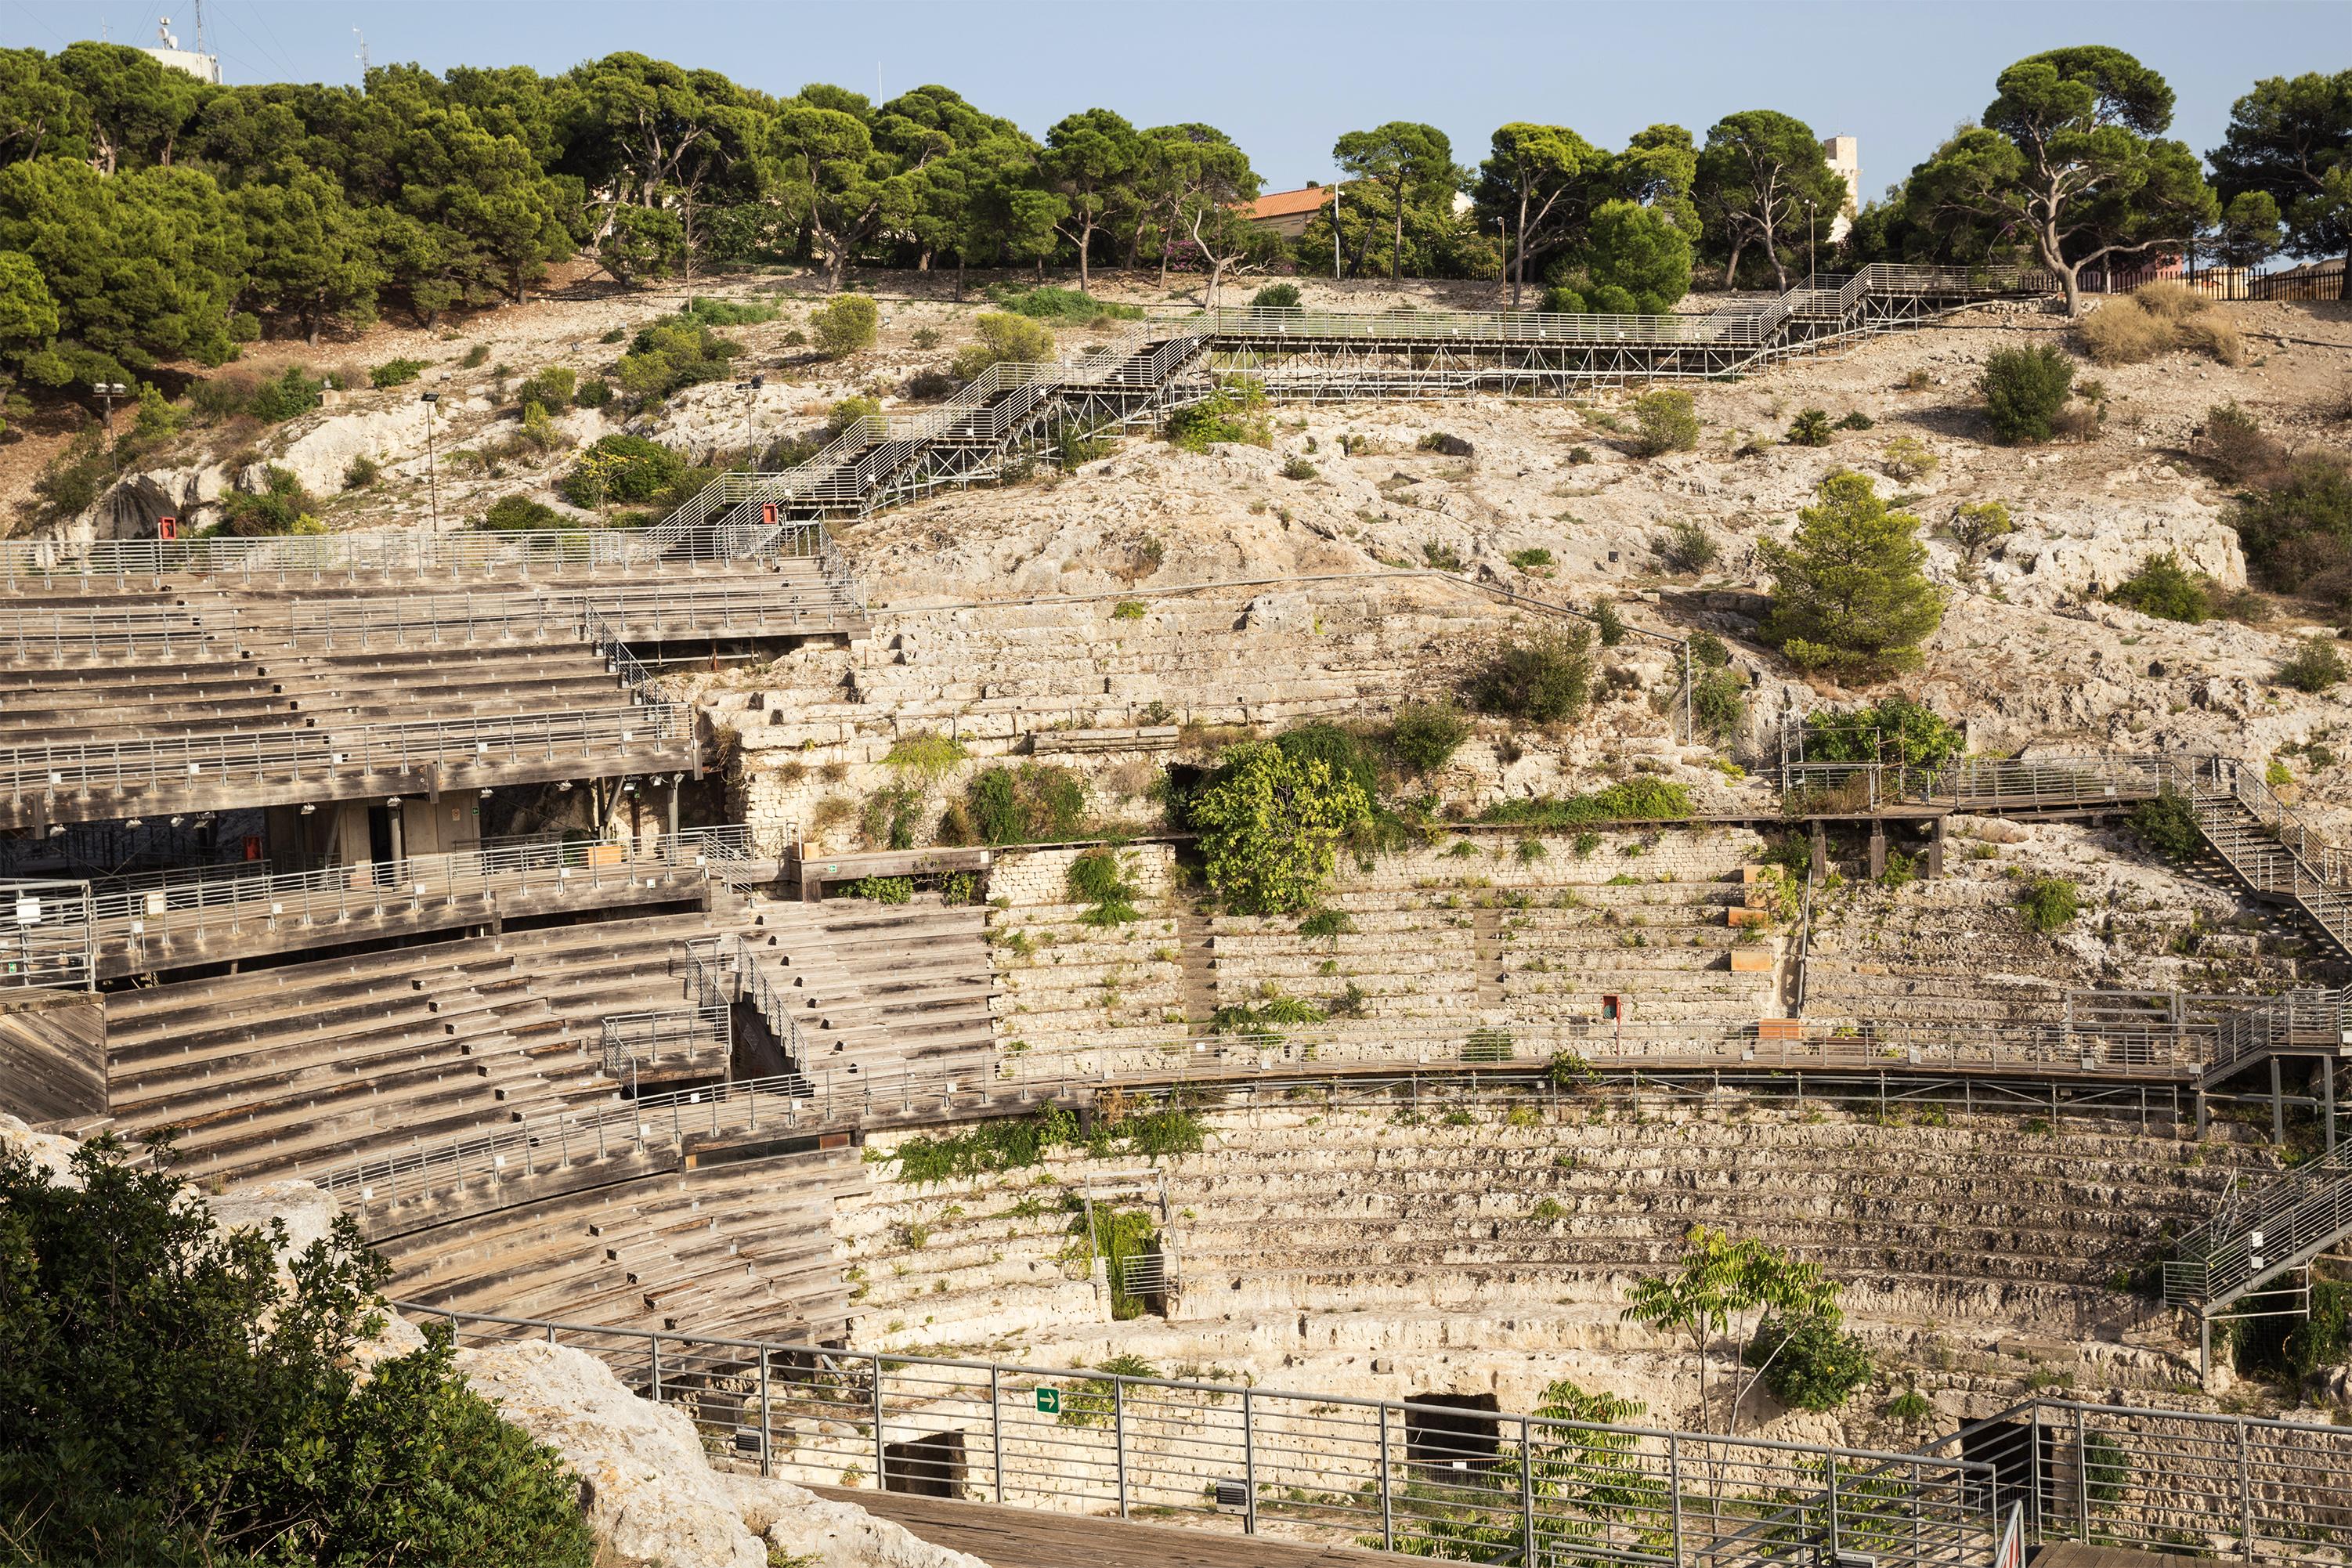 File:Cagliari Anfiteatro Romano.jpg - Wikimedia Commons